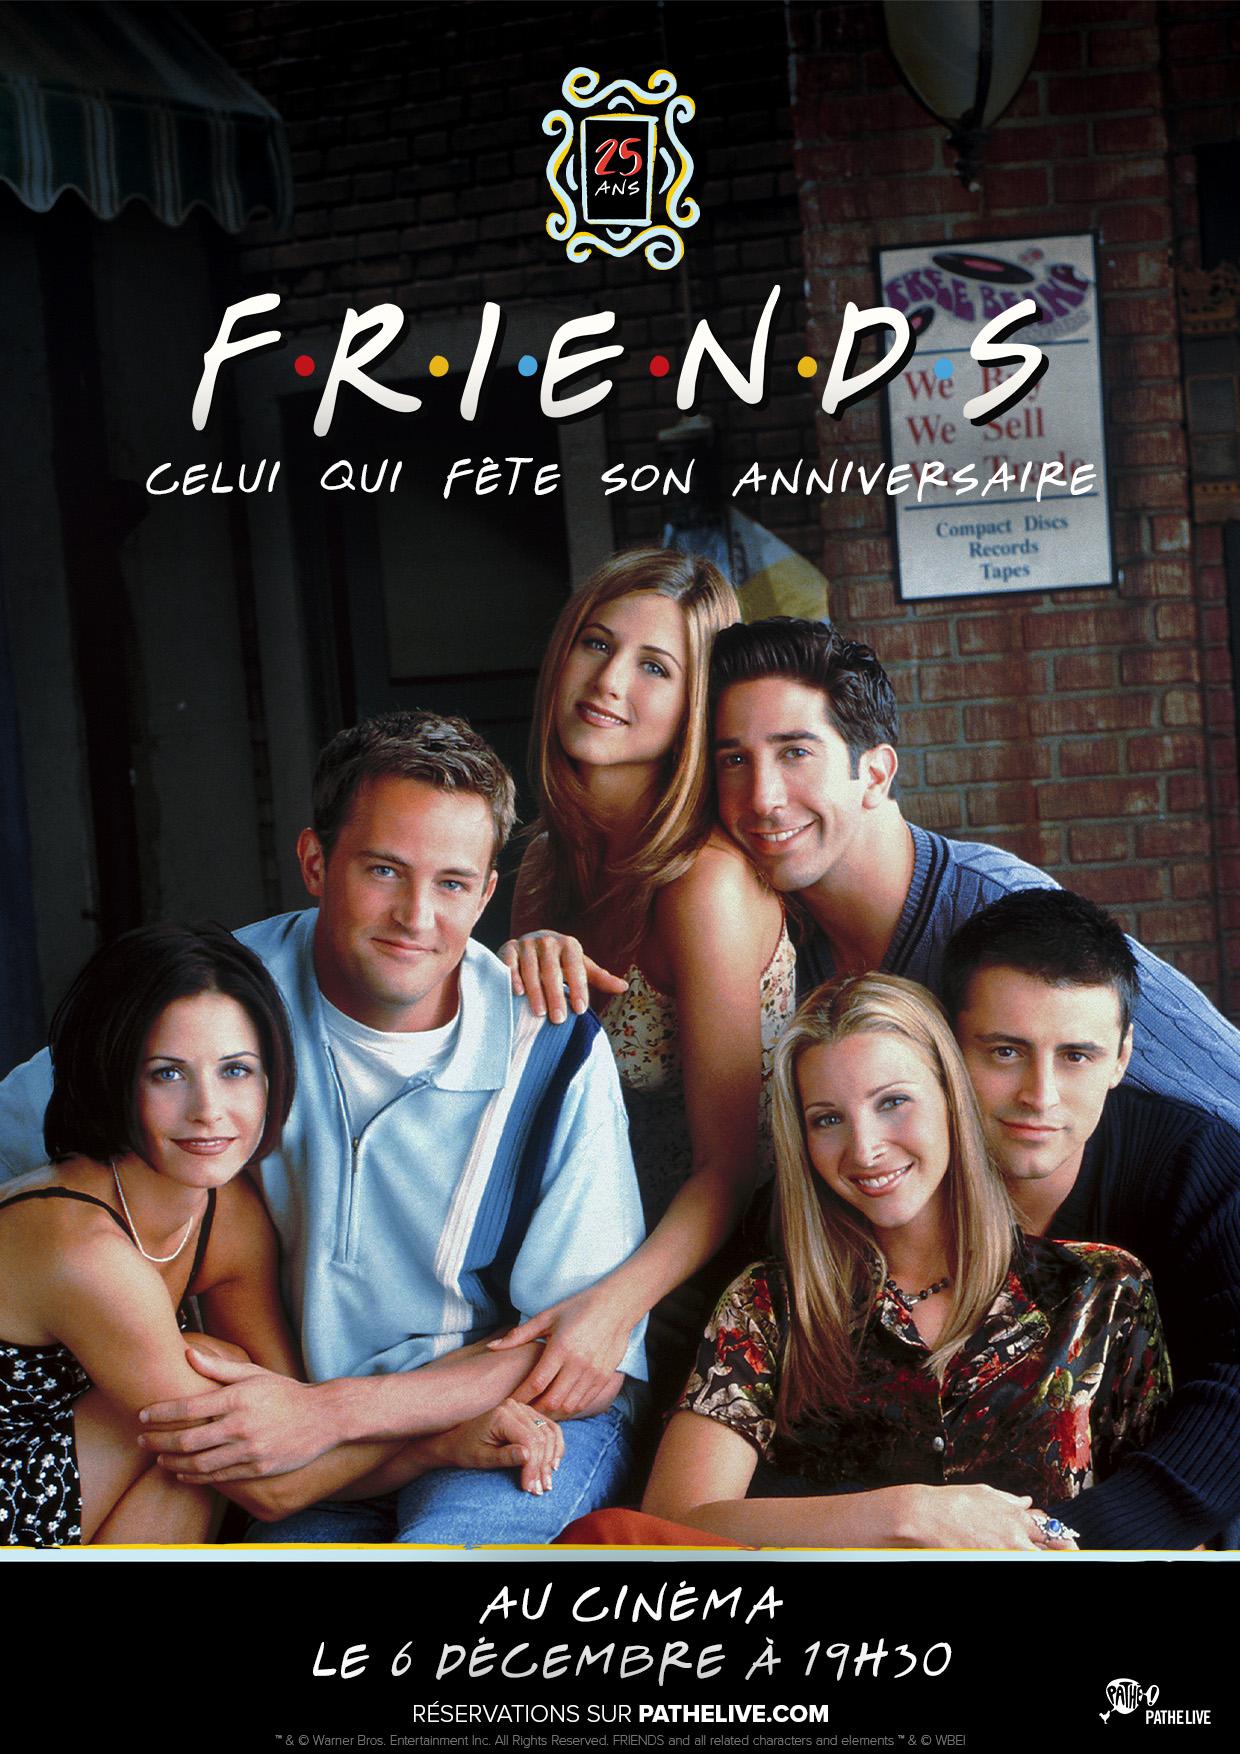 Image du film Friends 25: Celui qui fête son anniversaire